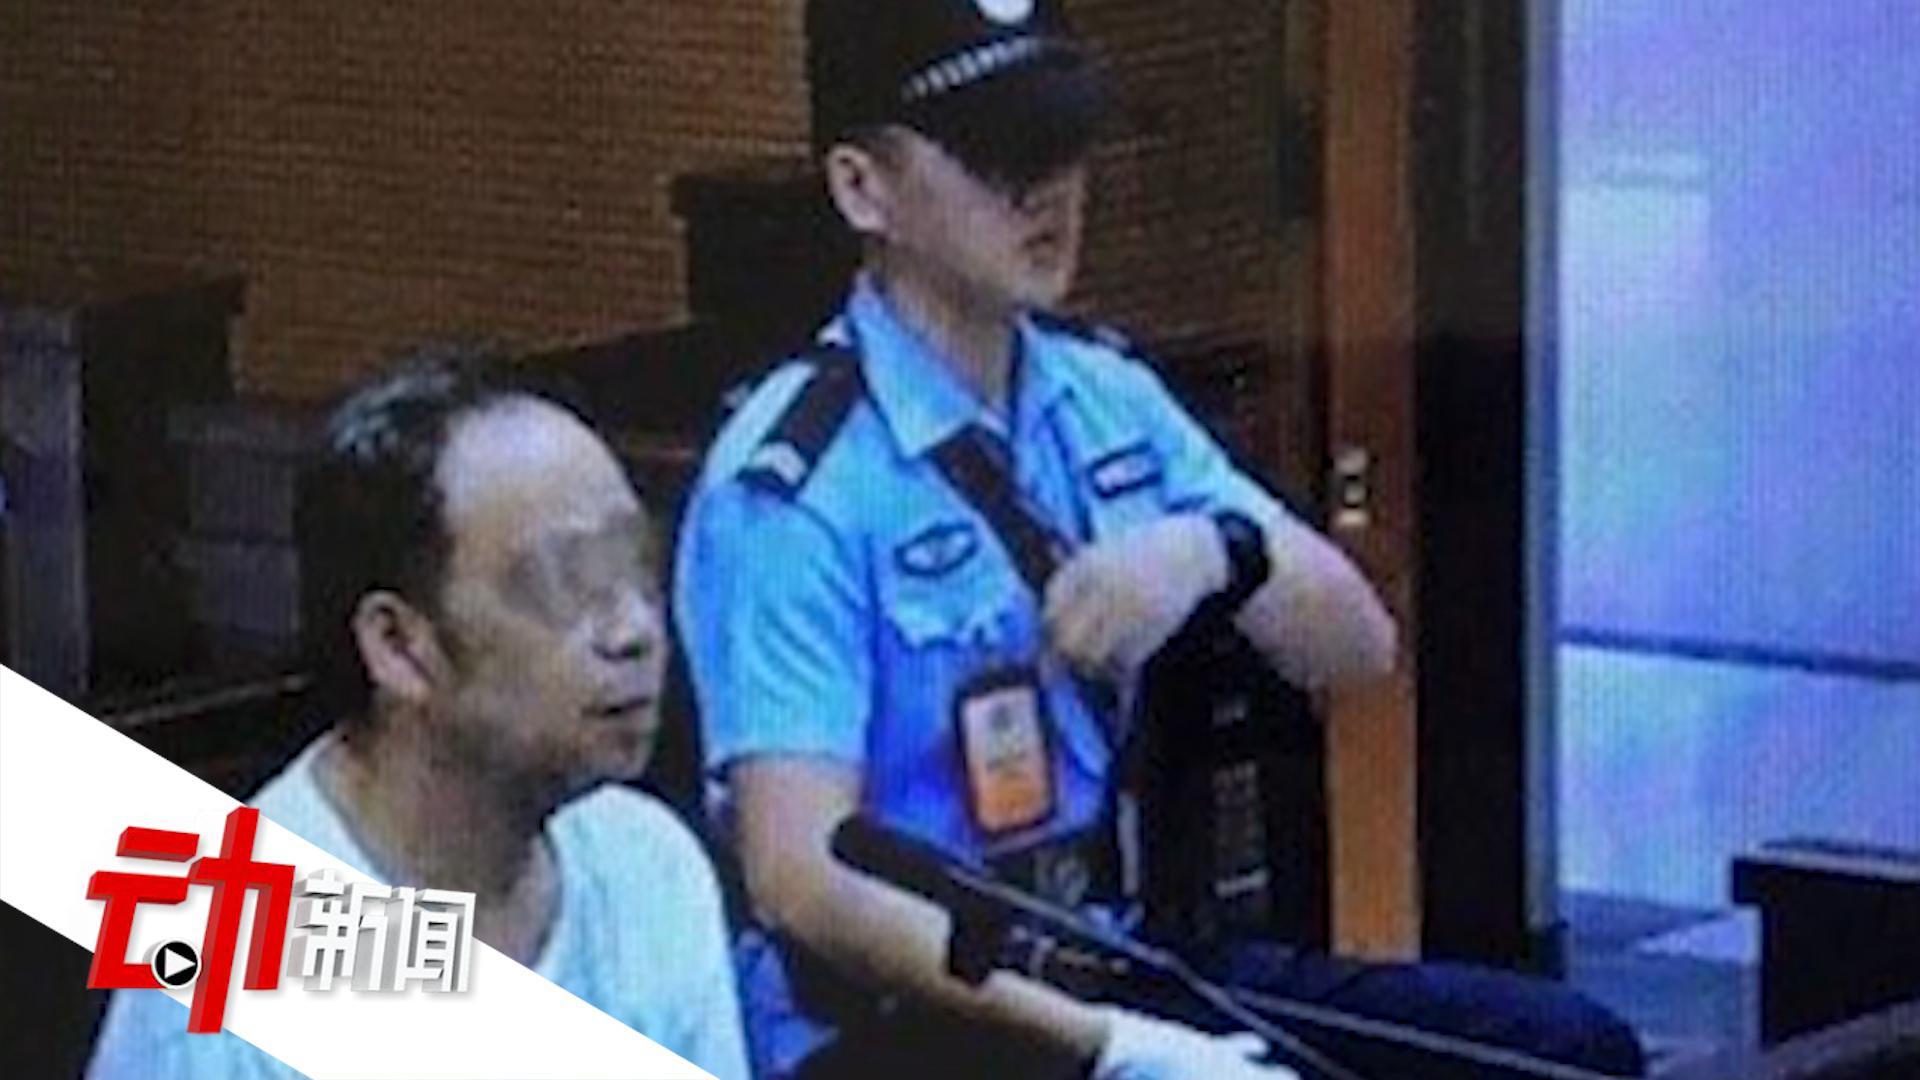 怀疑遭举报杀死同事夫妇,广州大学一学院原院长获死刑